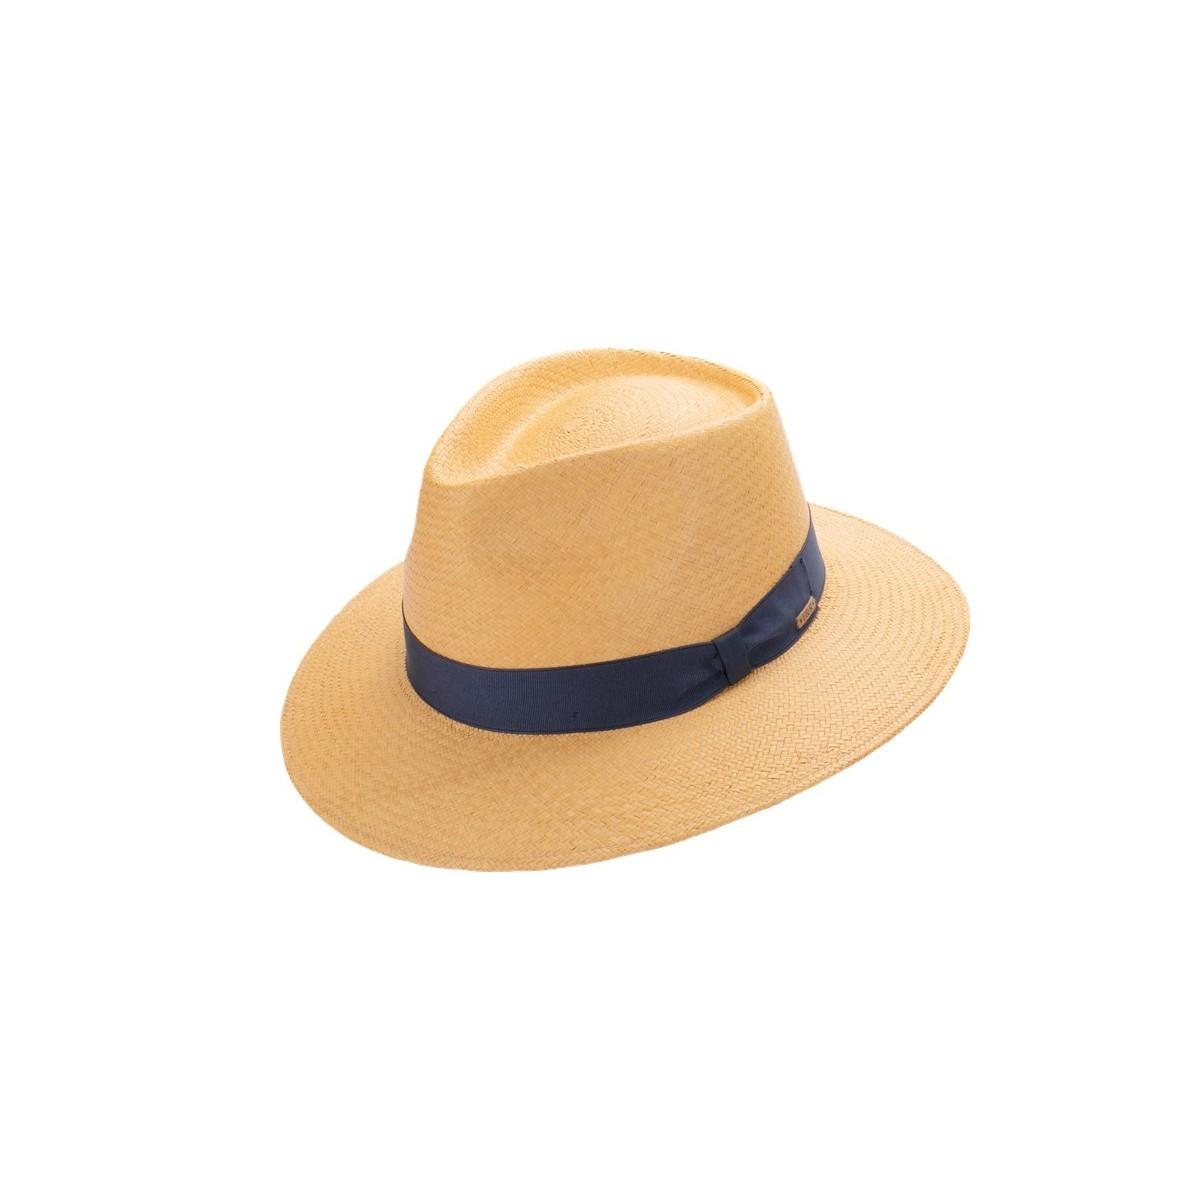 Tango sombrero panamá unisex copa safari en color habano y cinta azul. Fernández y ROCHE